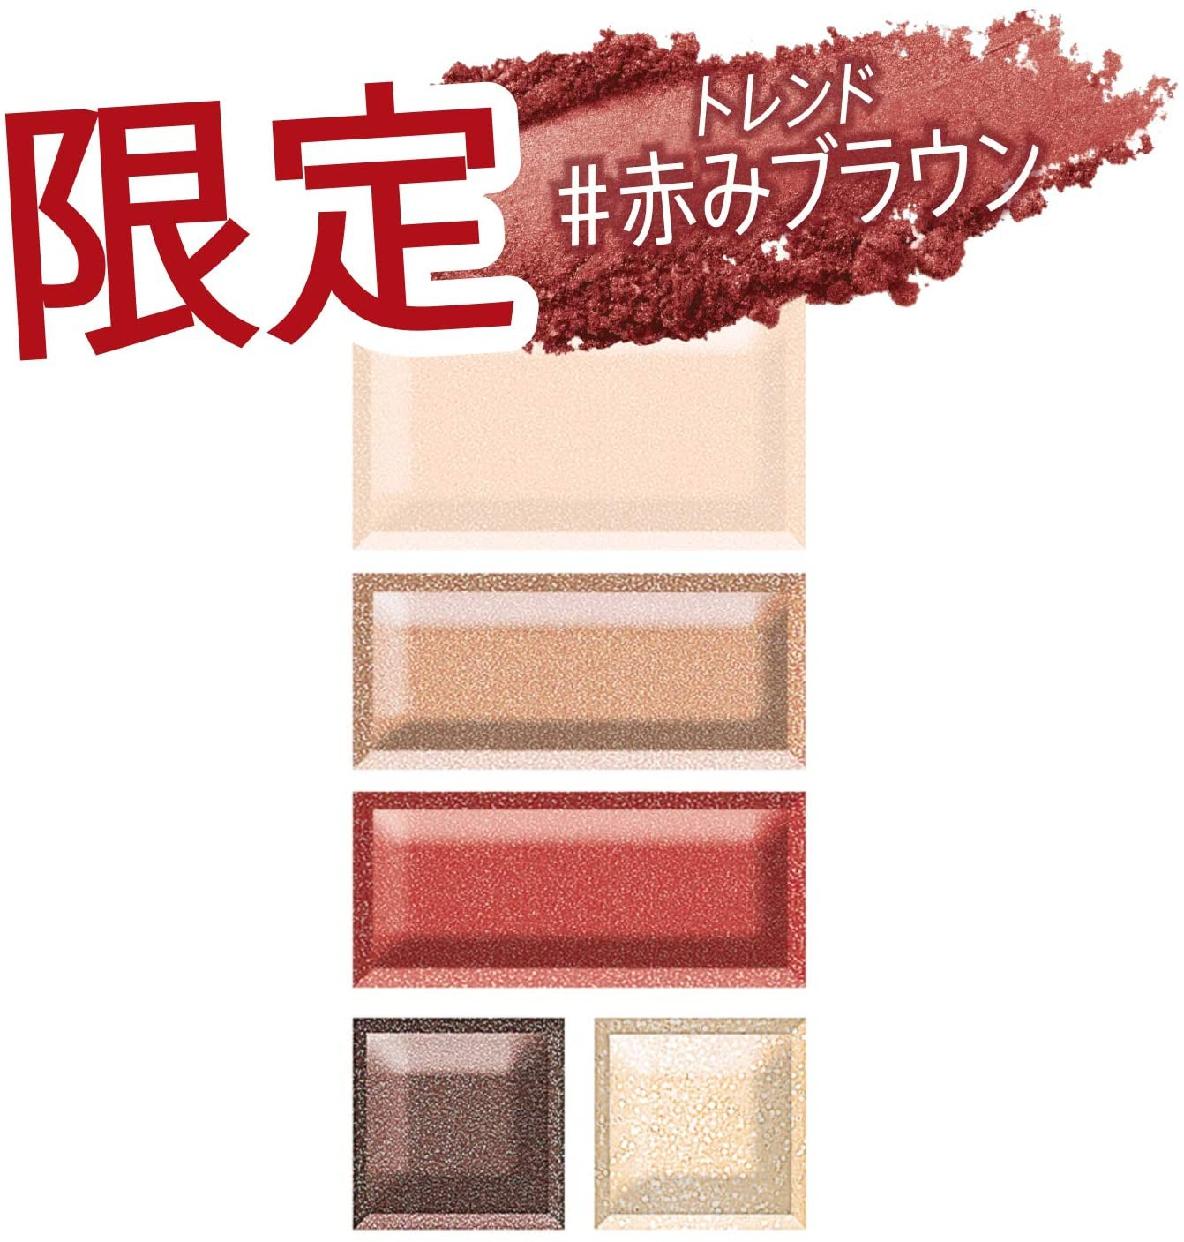 RIMMEL(リンメル) ショコラスウィート アイズの商品画像8